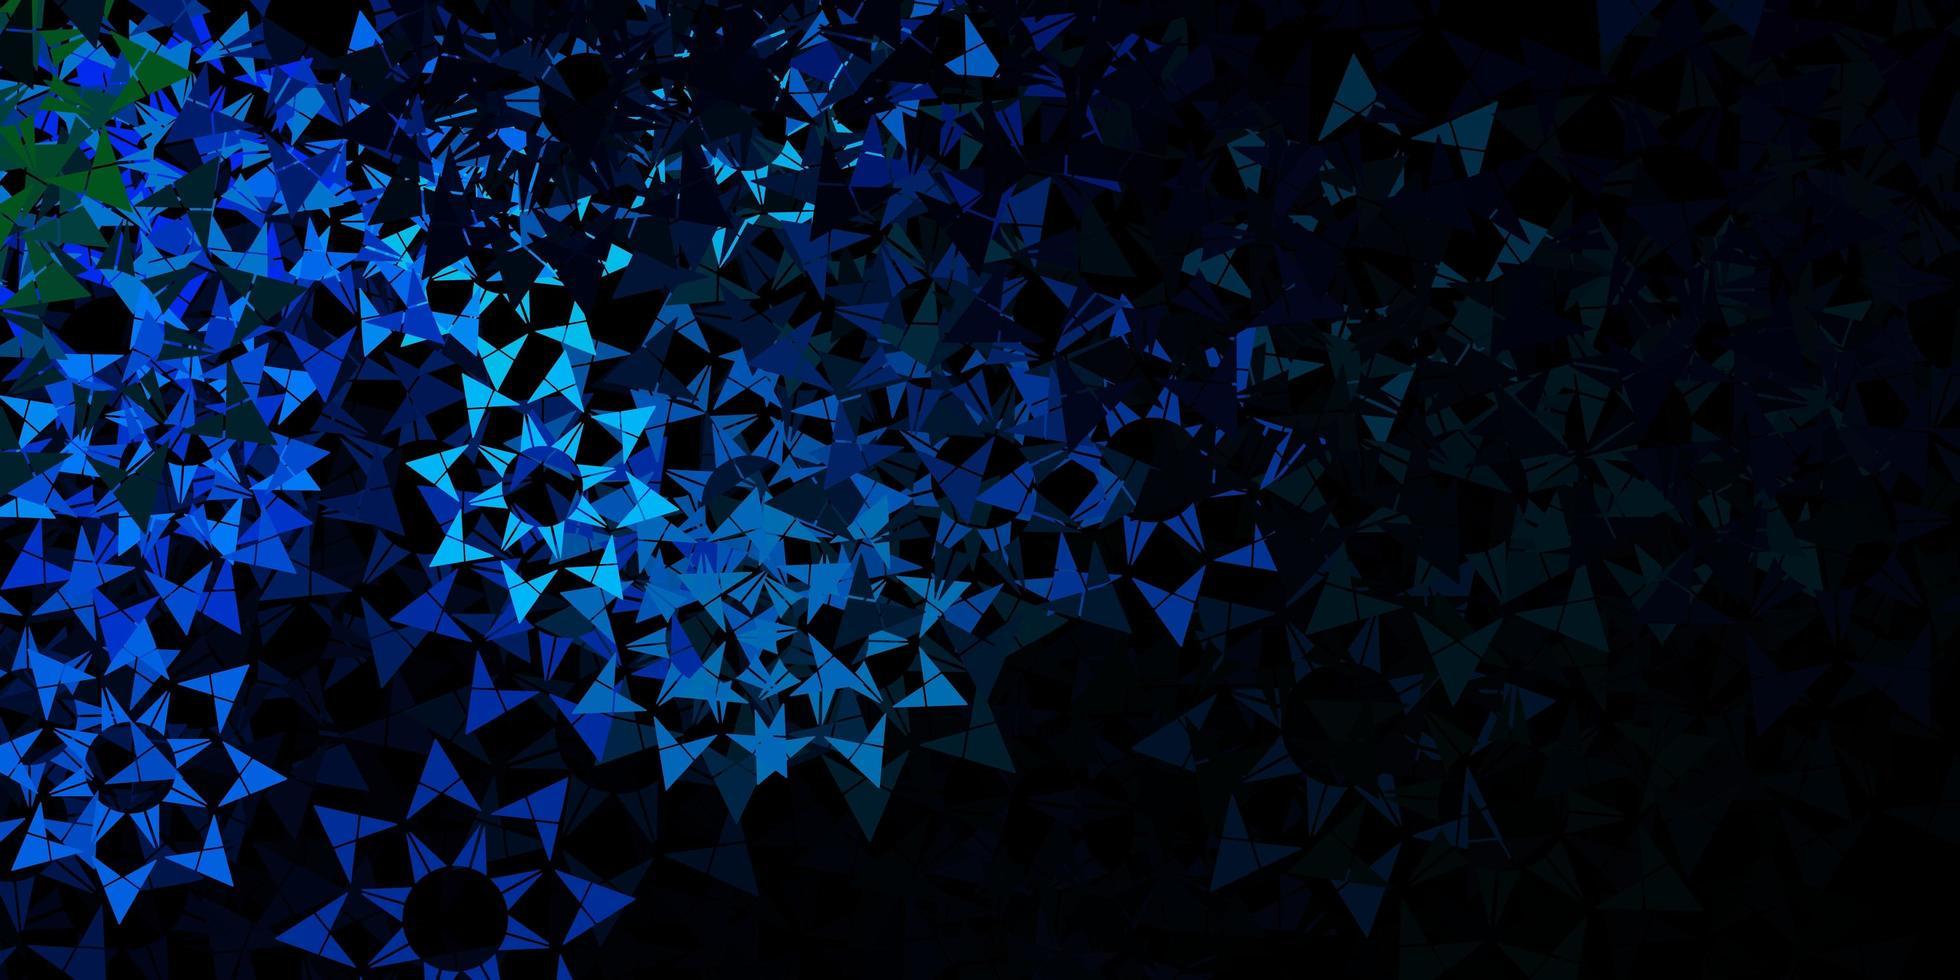 sfondo vettoriale blu scuro con stile poligonale.